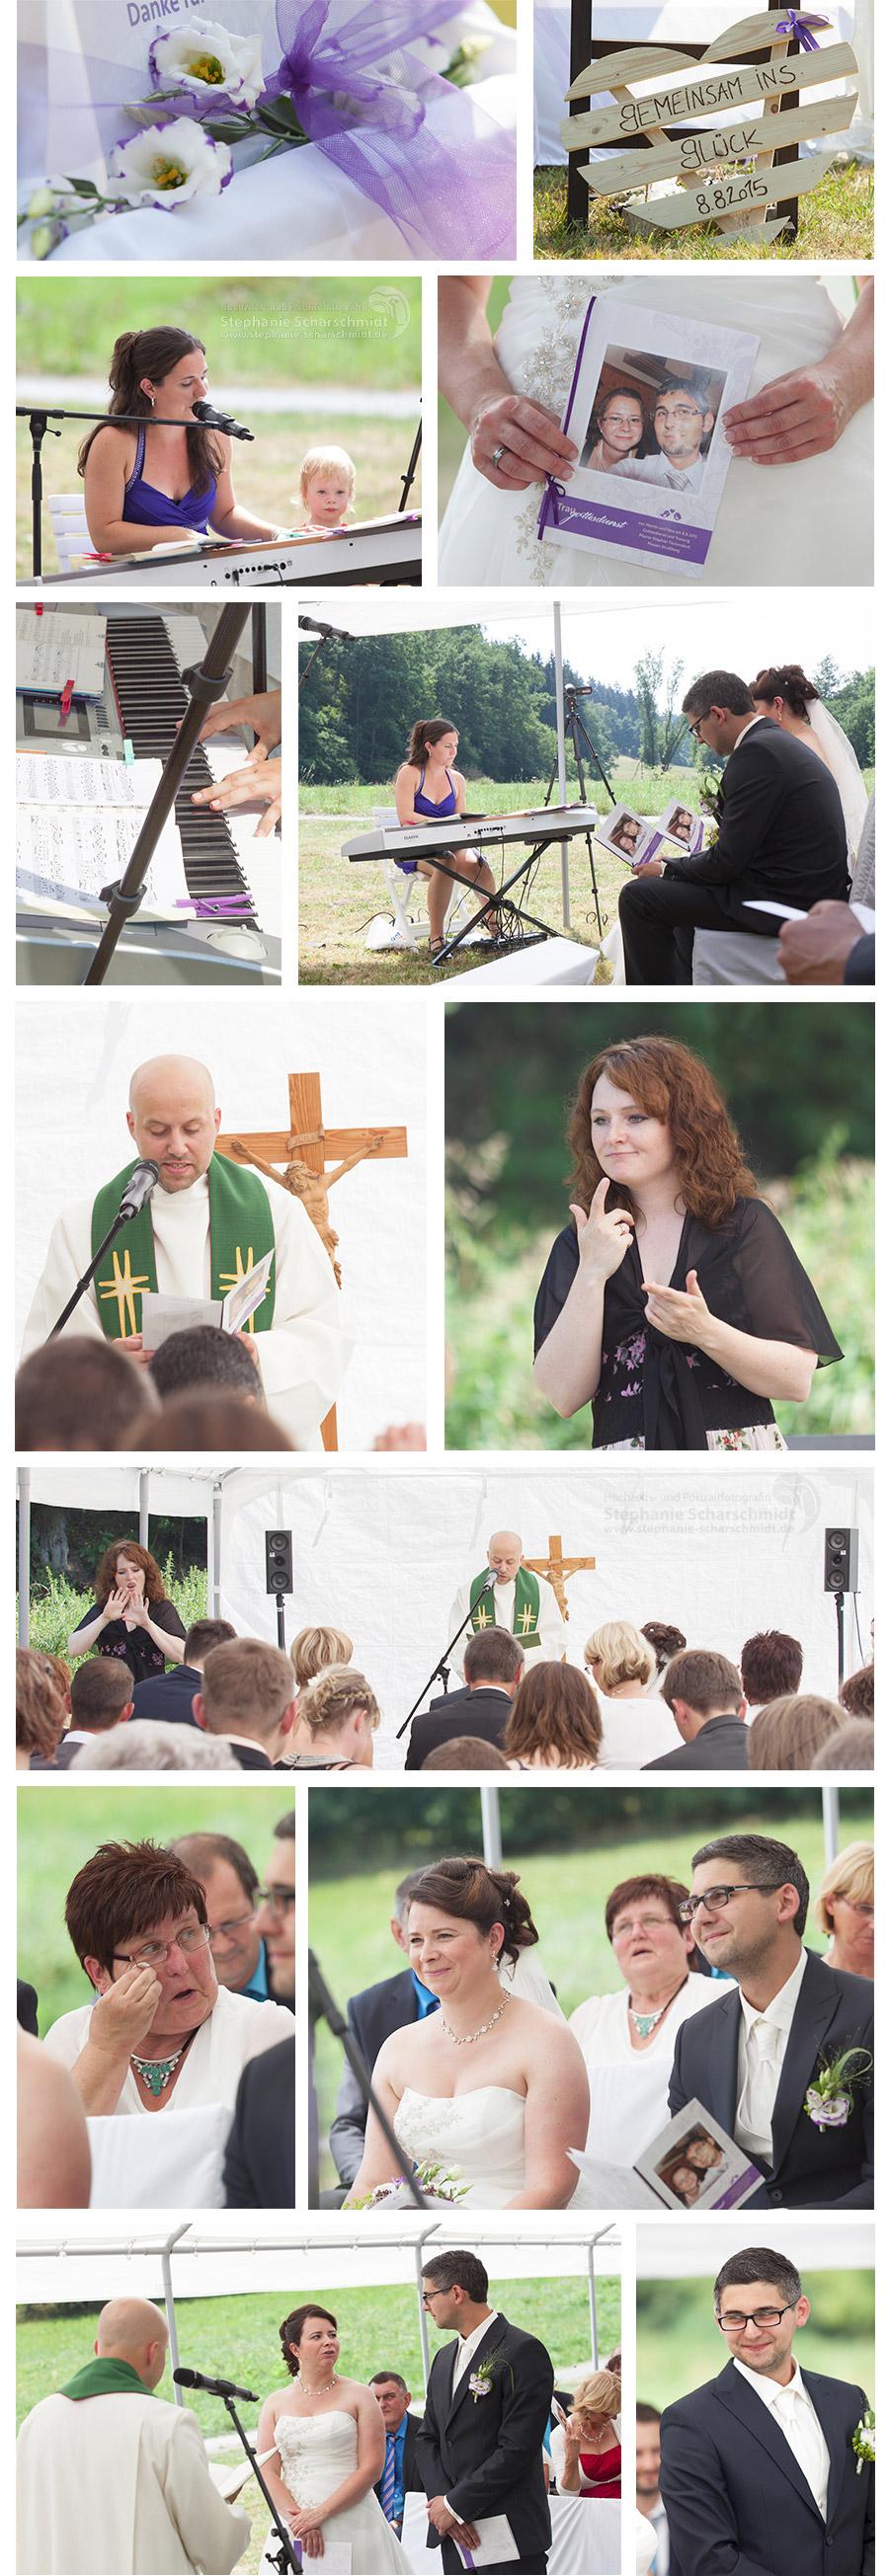 kirchliche Trauung in Gebärdensprache in der Pension und Restaurant Lochbauer in Plauen – Stephanie Scharschmidt Hochzeitsfotograf Plauen